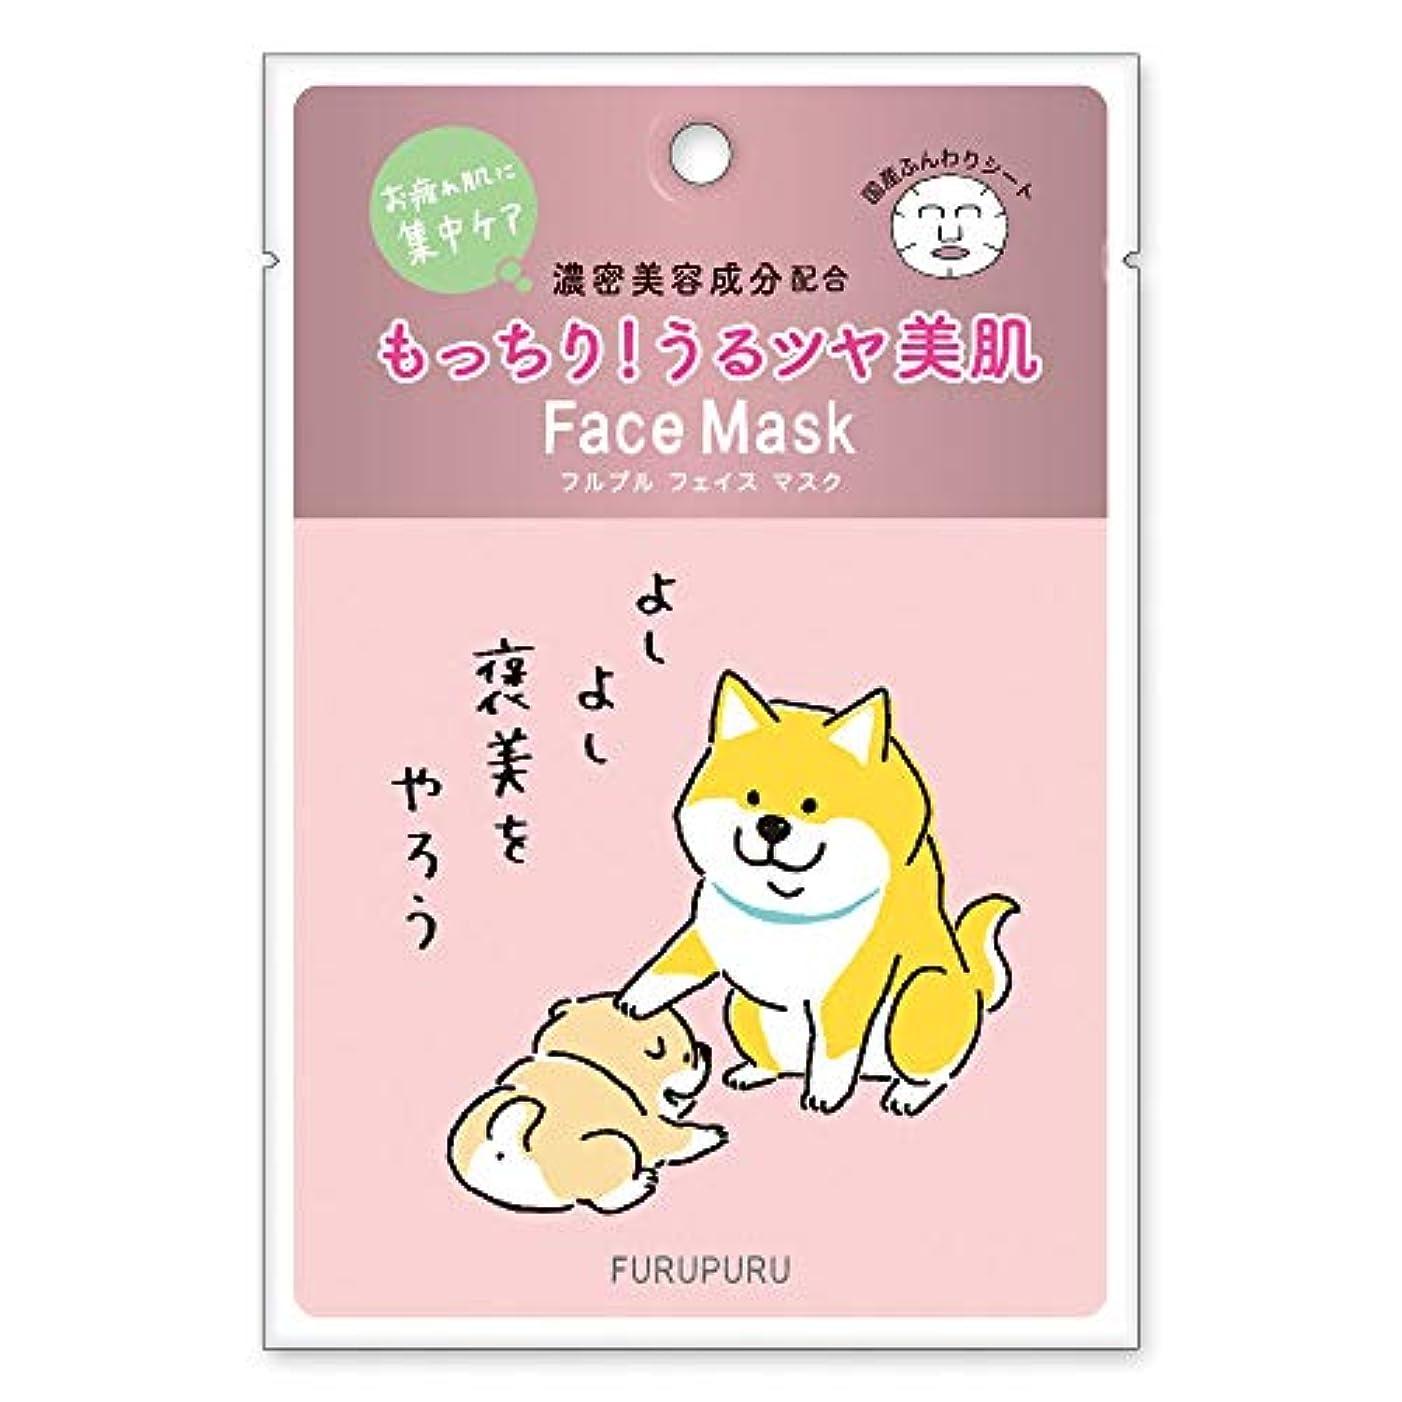 代名詞下位ブレイズフルプルフェイスマスク しばんばん 褒美をやろう やさしく香る天然ローズの香り 30g